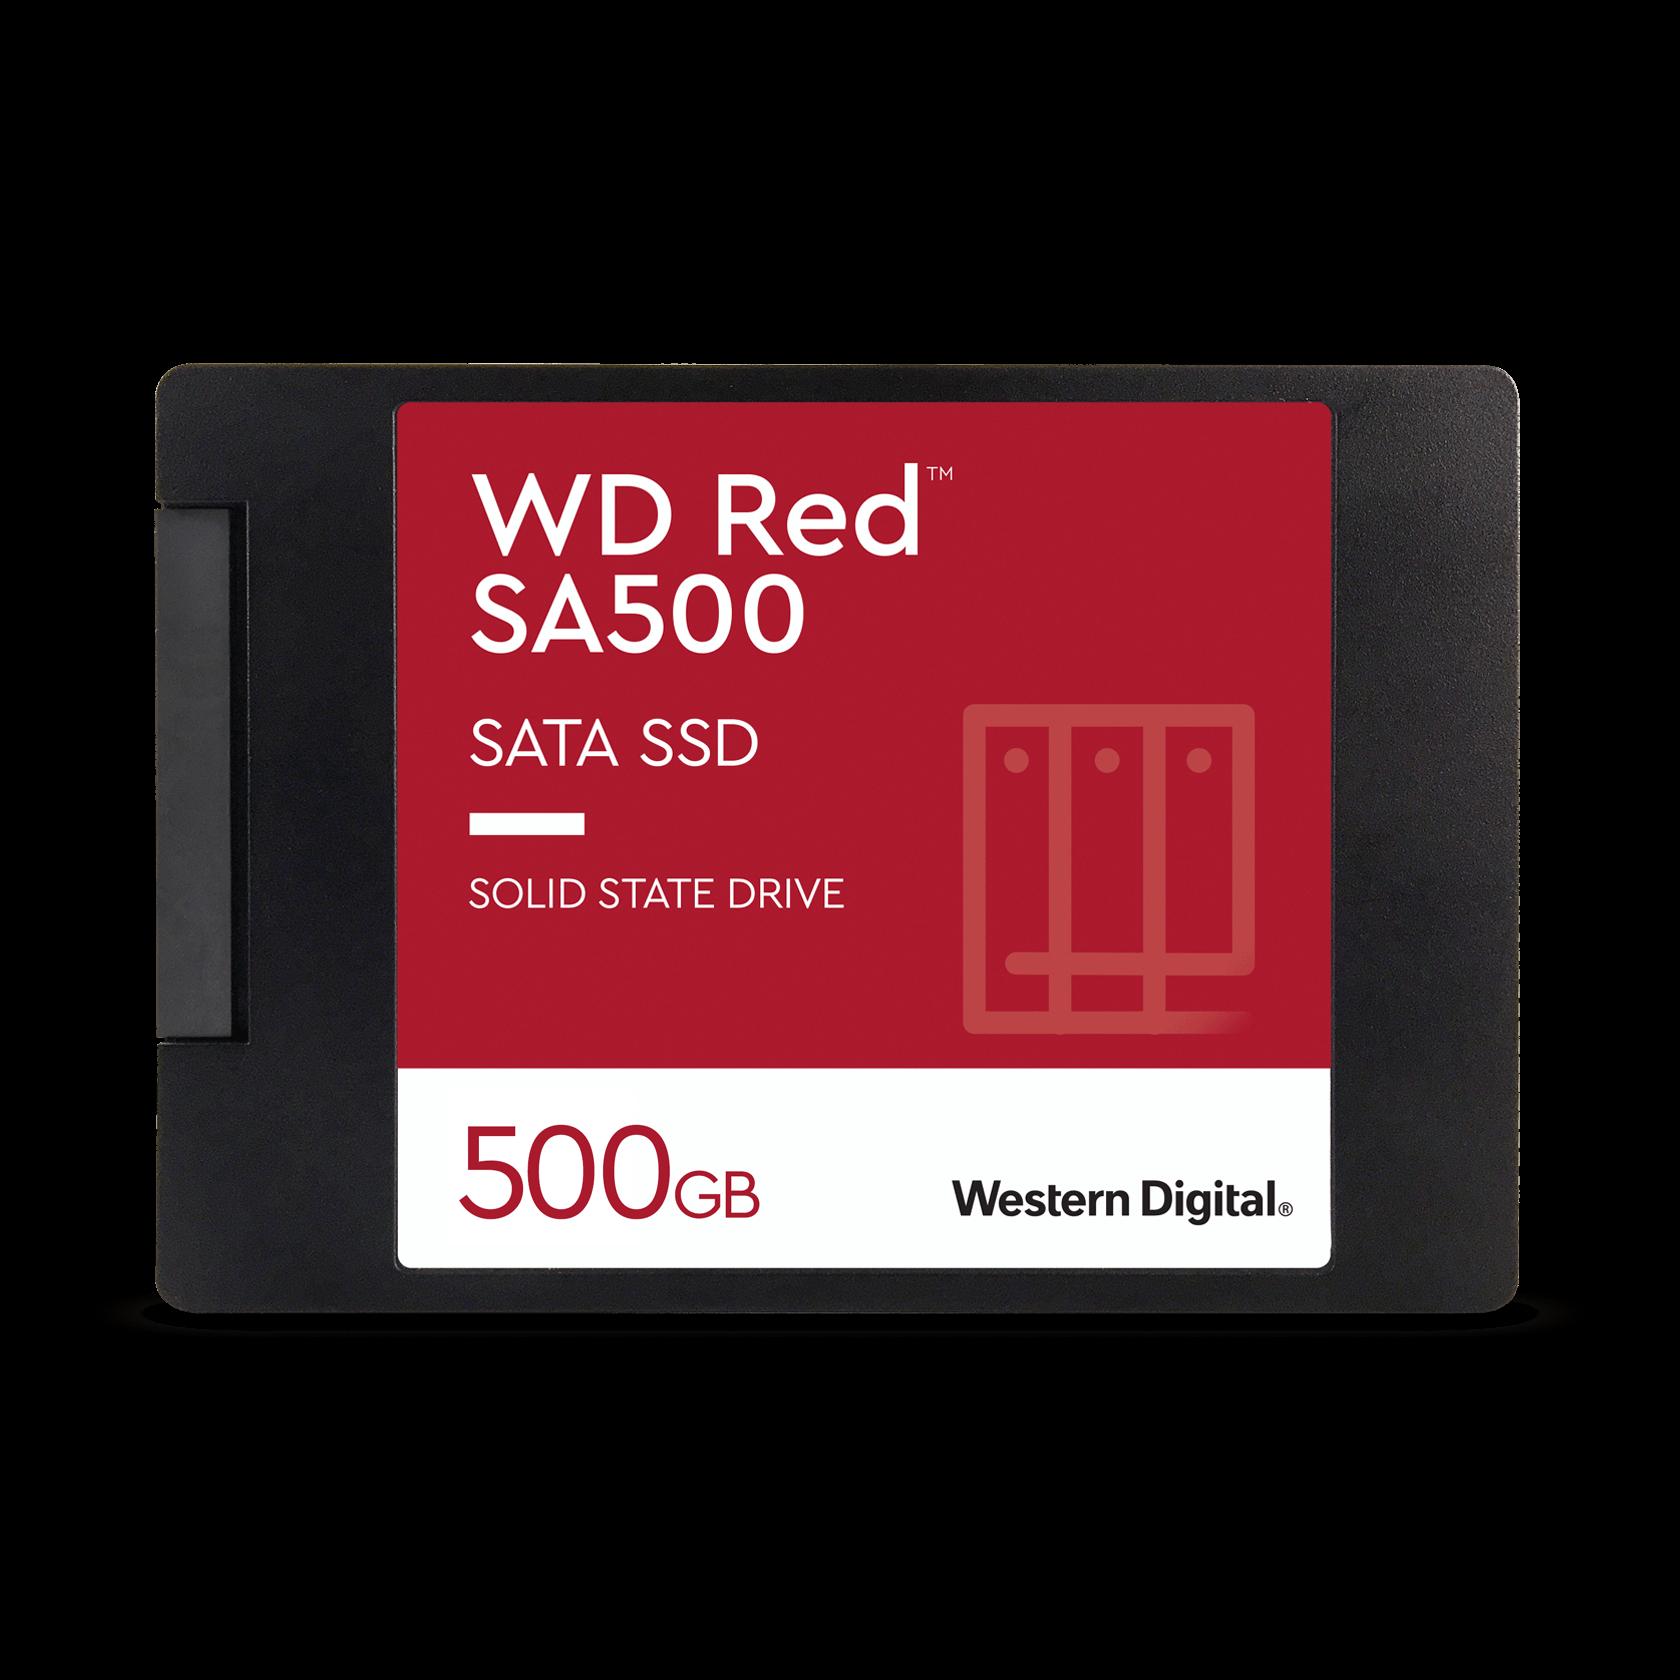 Western Digital WD Red™ SA500 NAS SATA 500GB - WDS500G1R0A ...